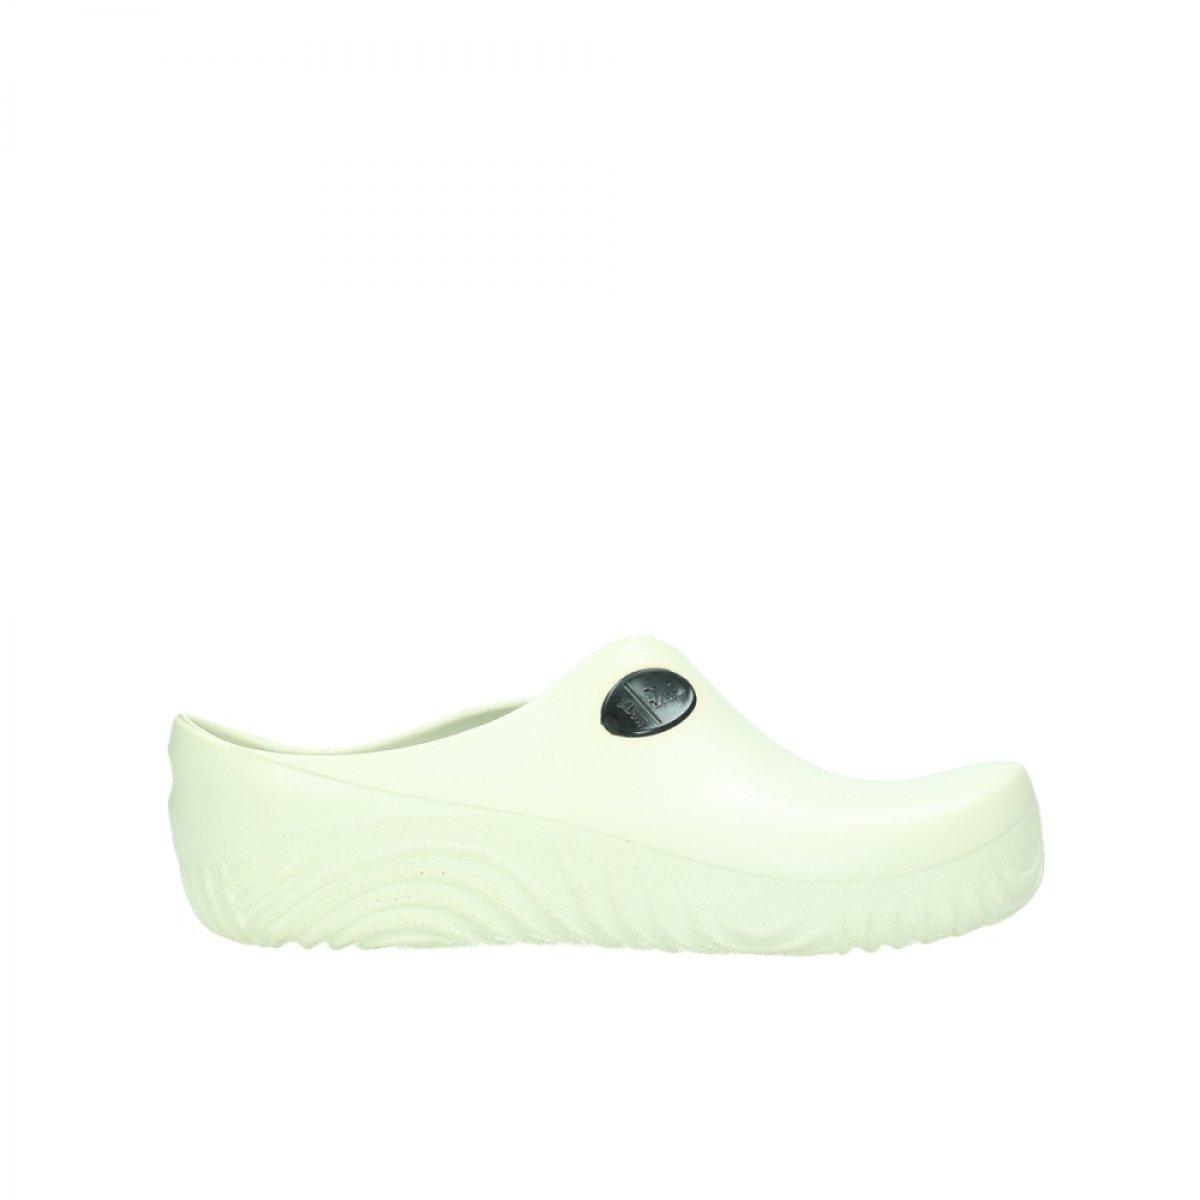 Wolky Zuecos Comfort 02550 OK Clog 39 EU|90120 off-white PU